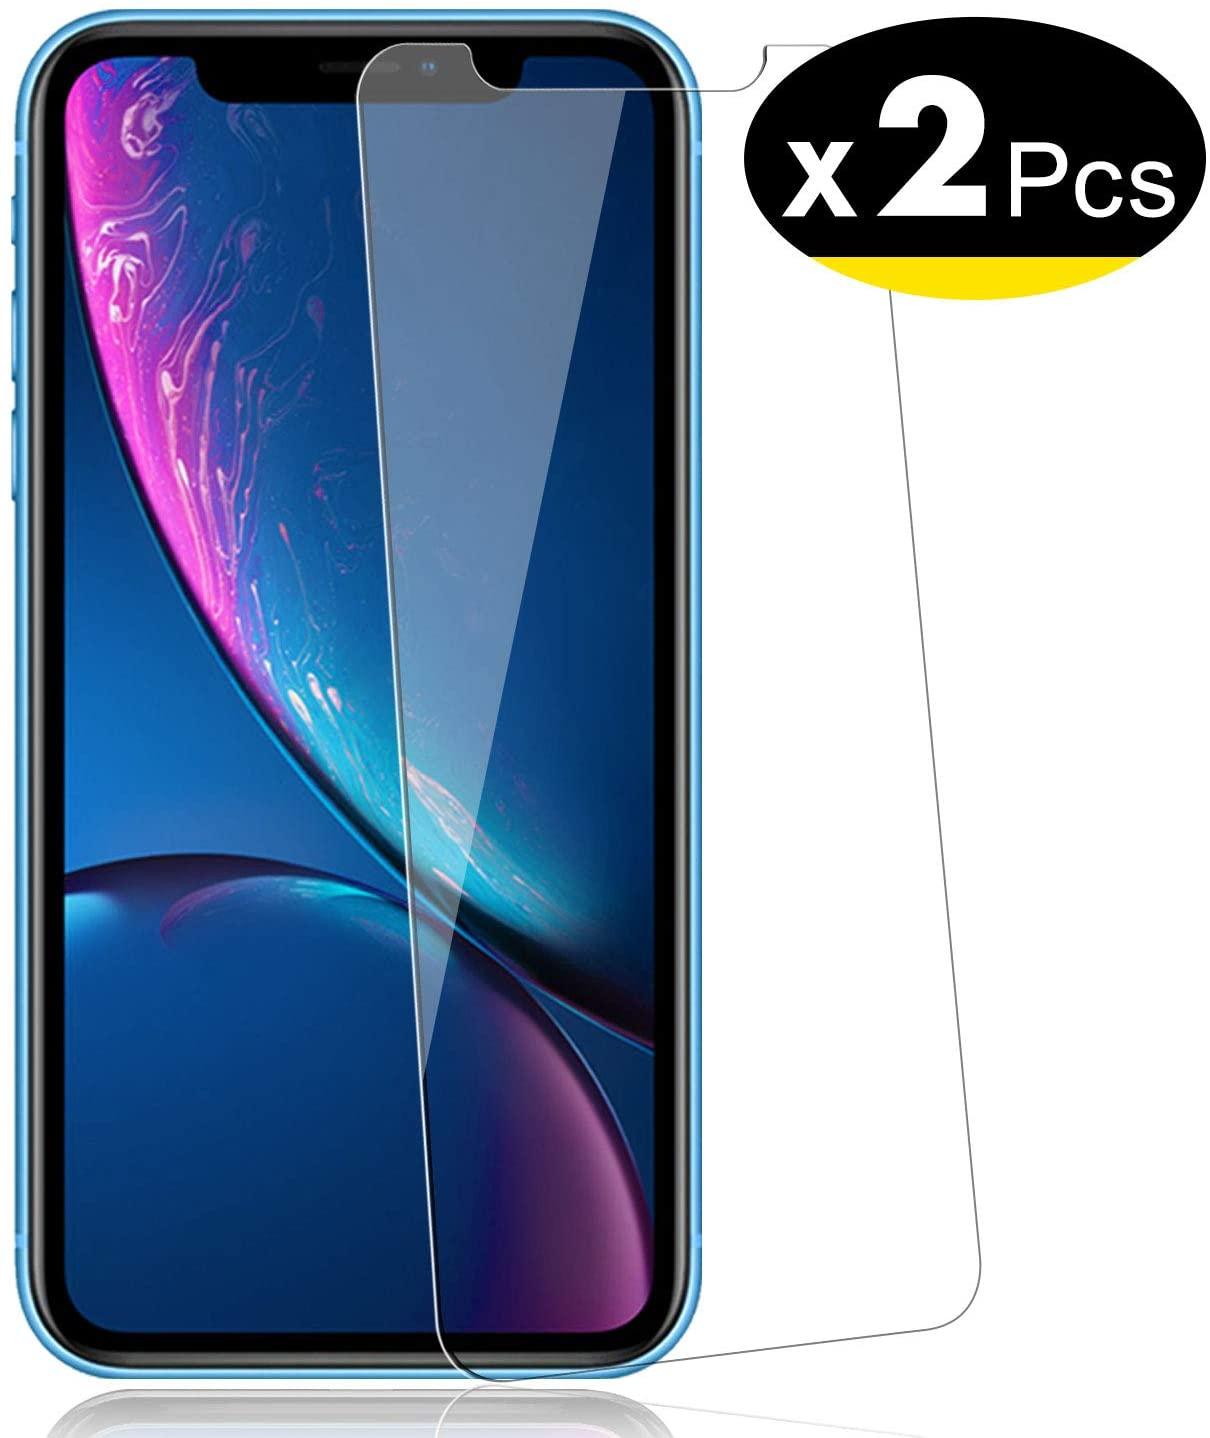 NEW'C Pacco da 2 Pezzi, Pellicola Protettiva in Vetro Temperato per iPhone 11, iPhone XR (6.1